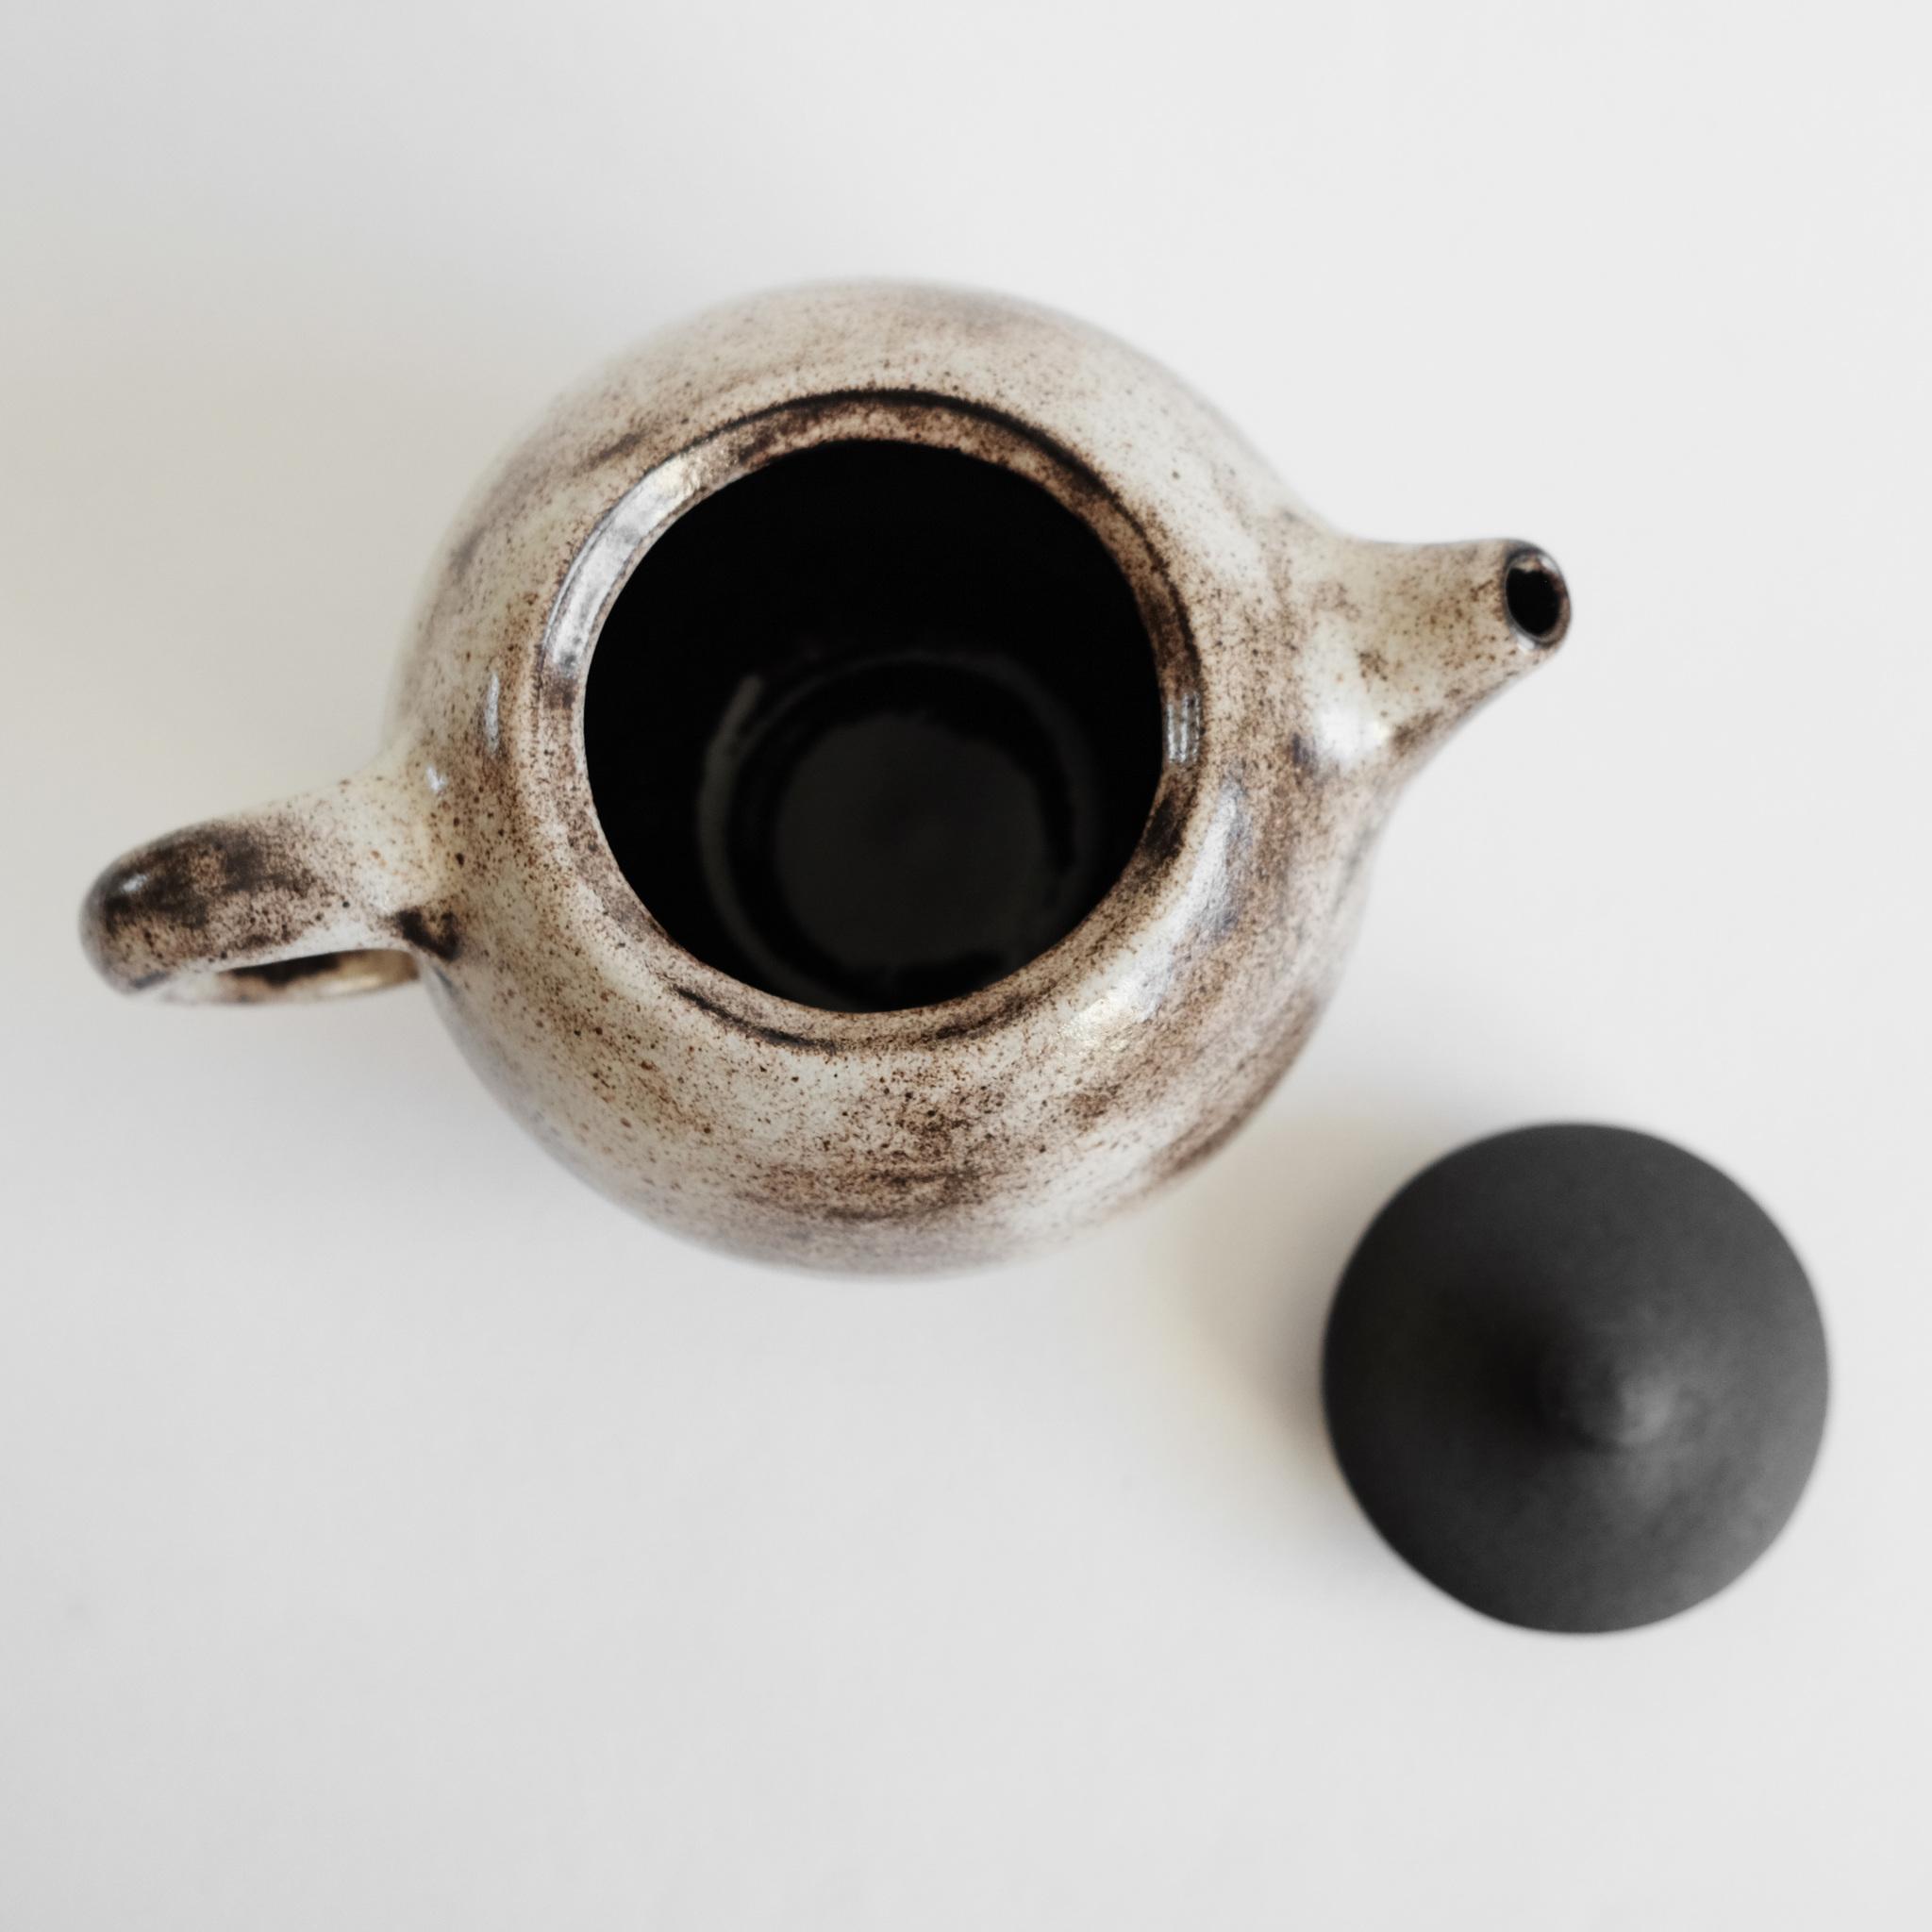 чайник из черной глины сделан вручную